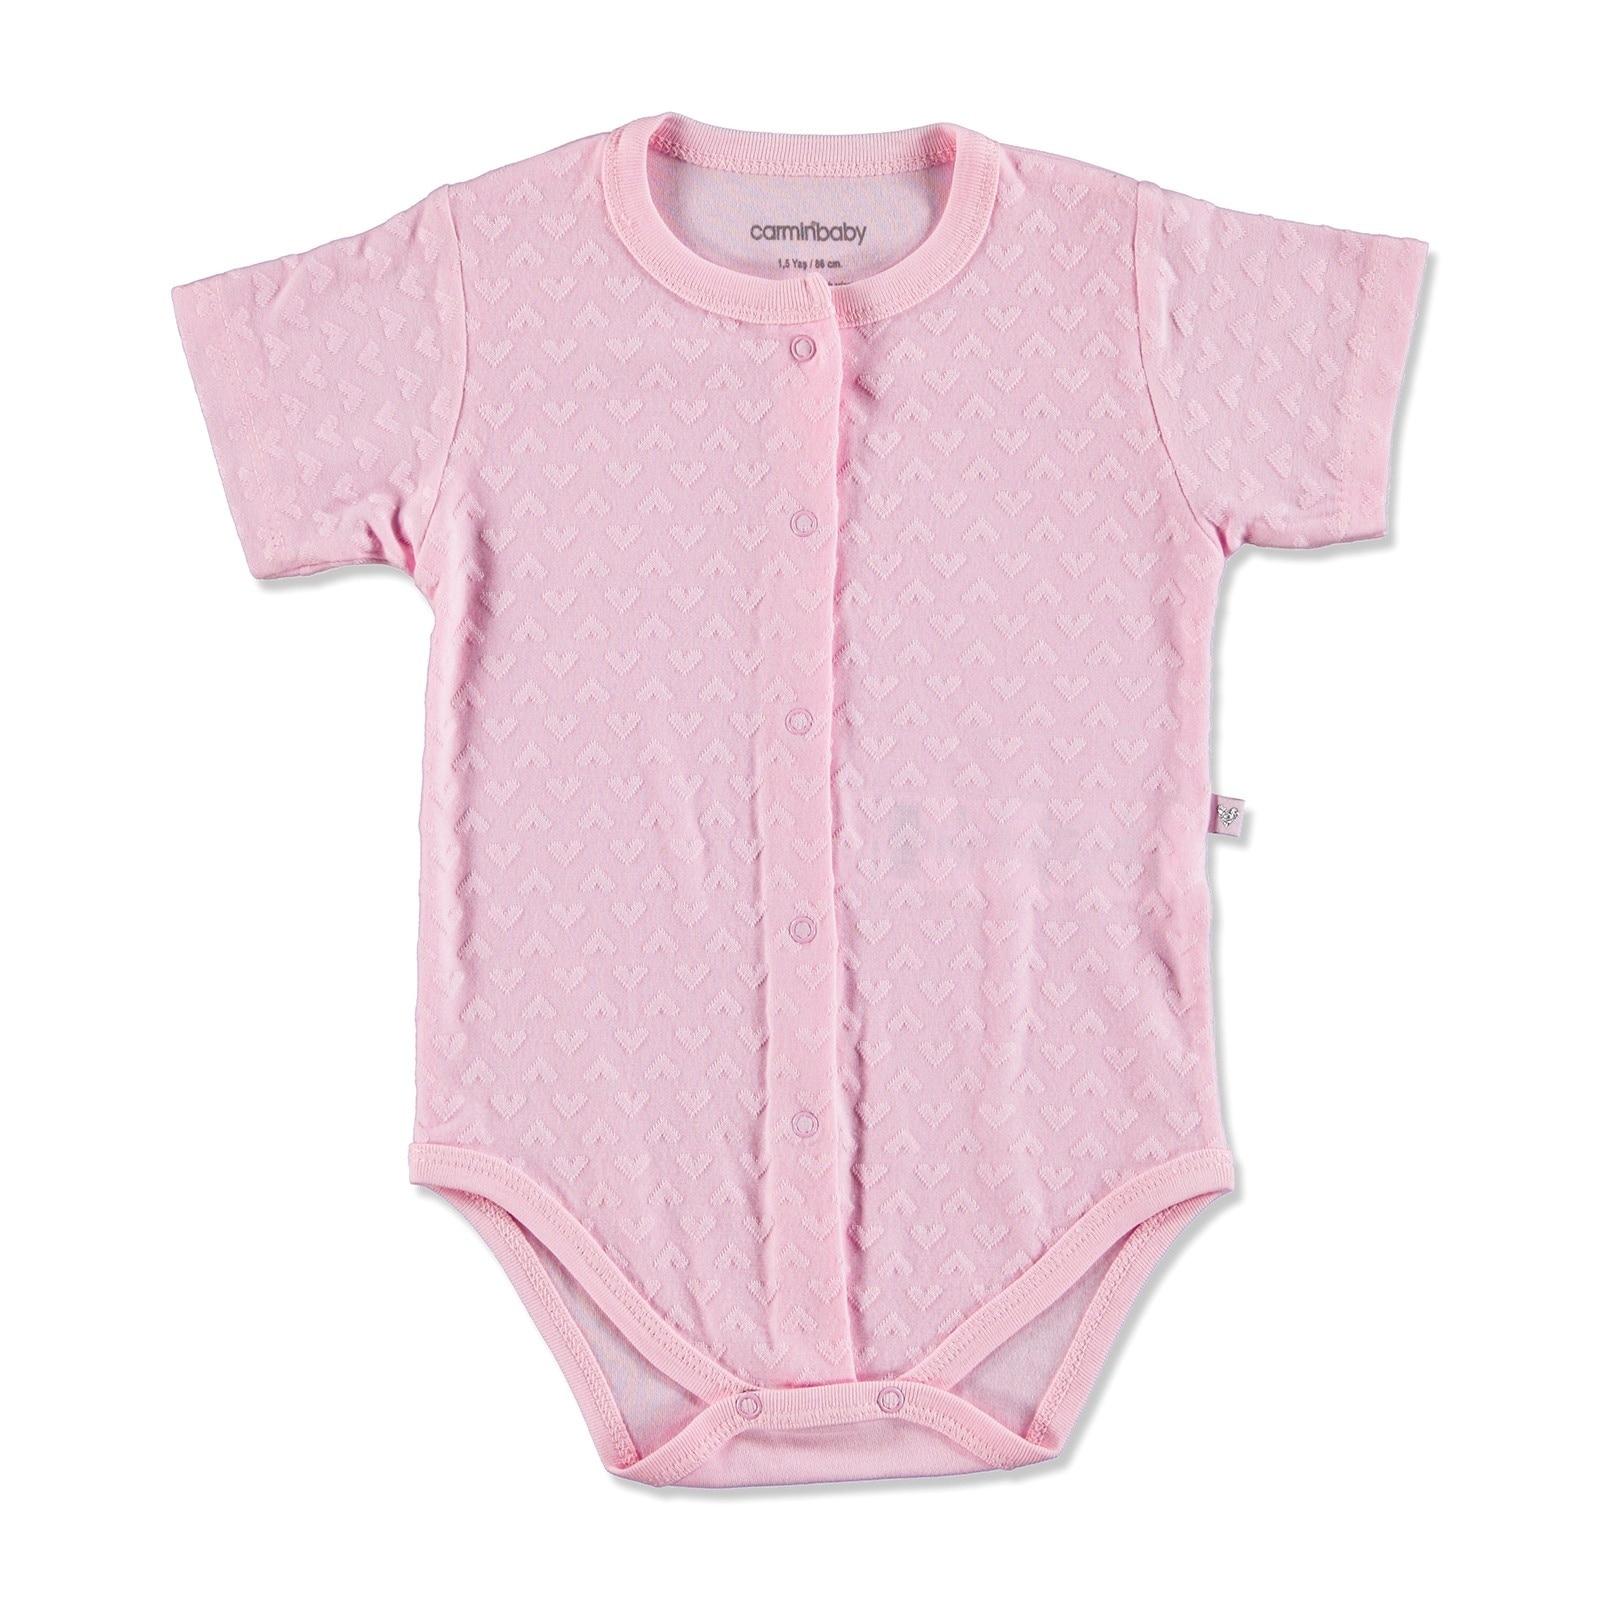 Ebebek Carmin Baby Summer Girl Heart Patterned Jacquard Bodysuit